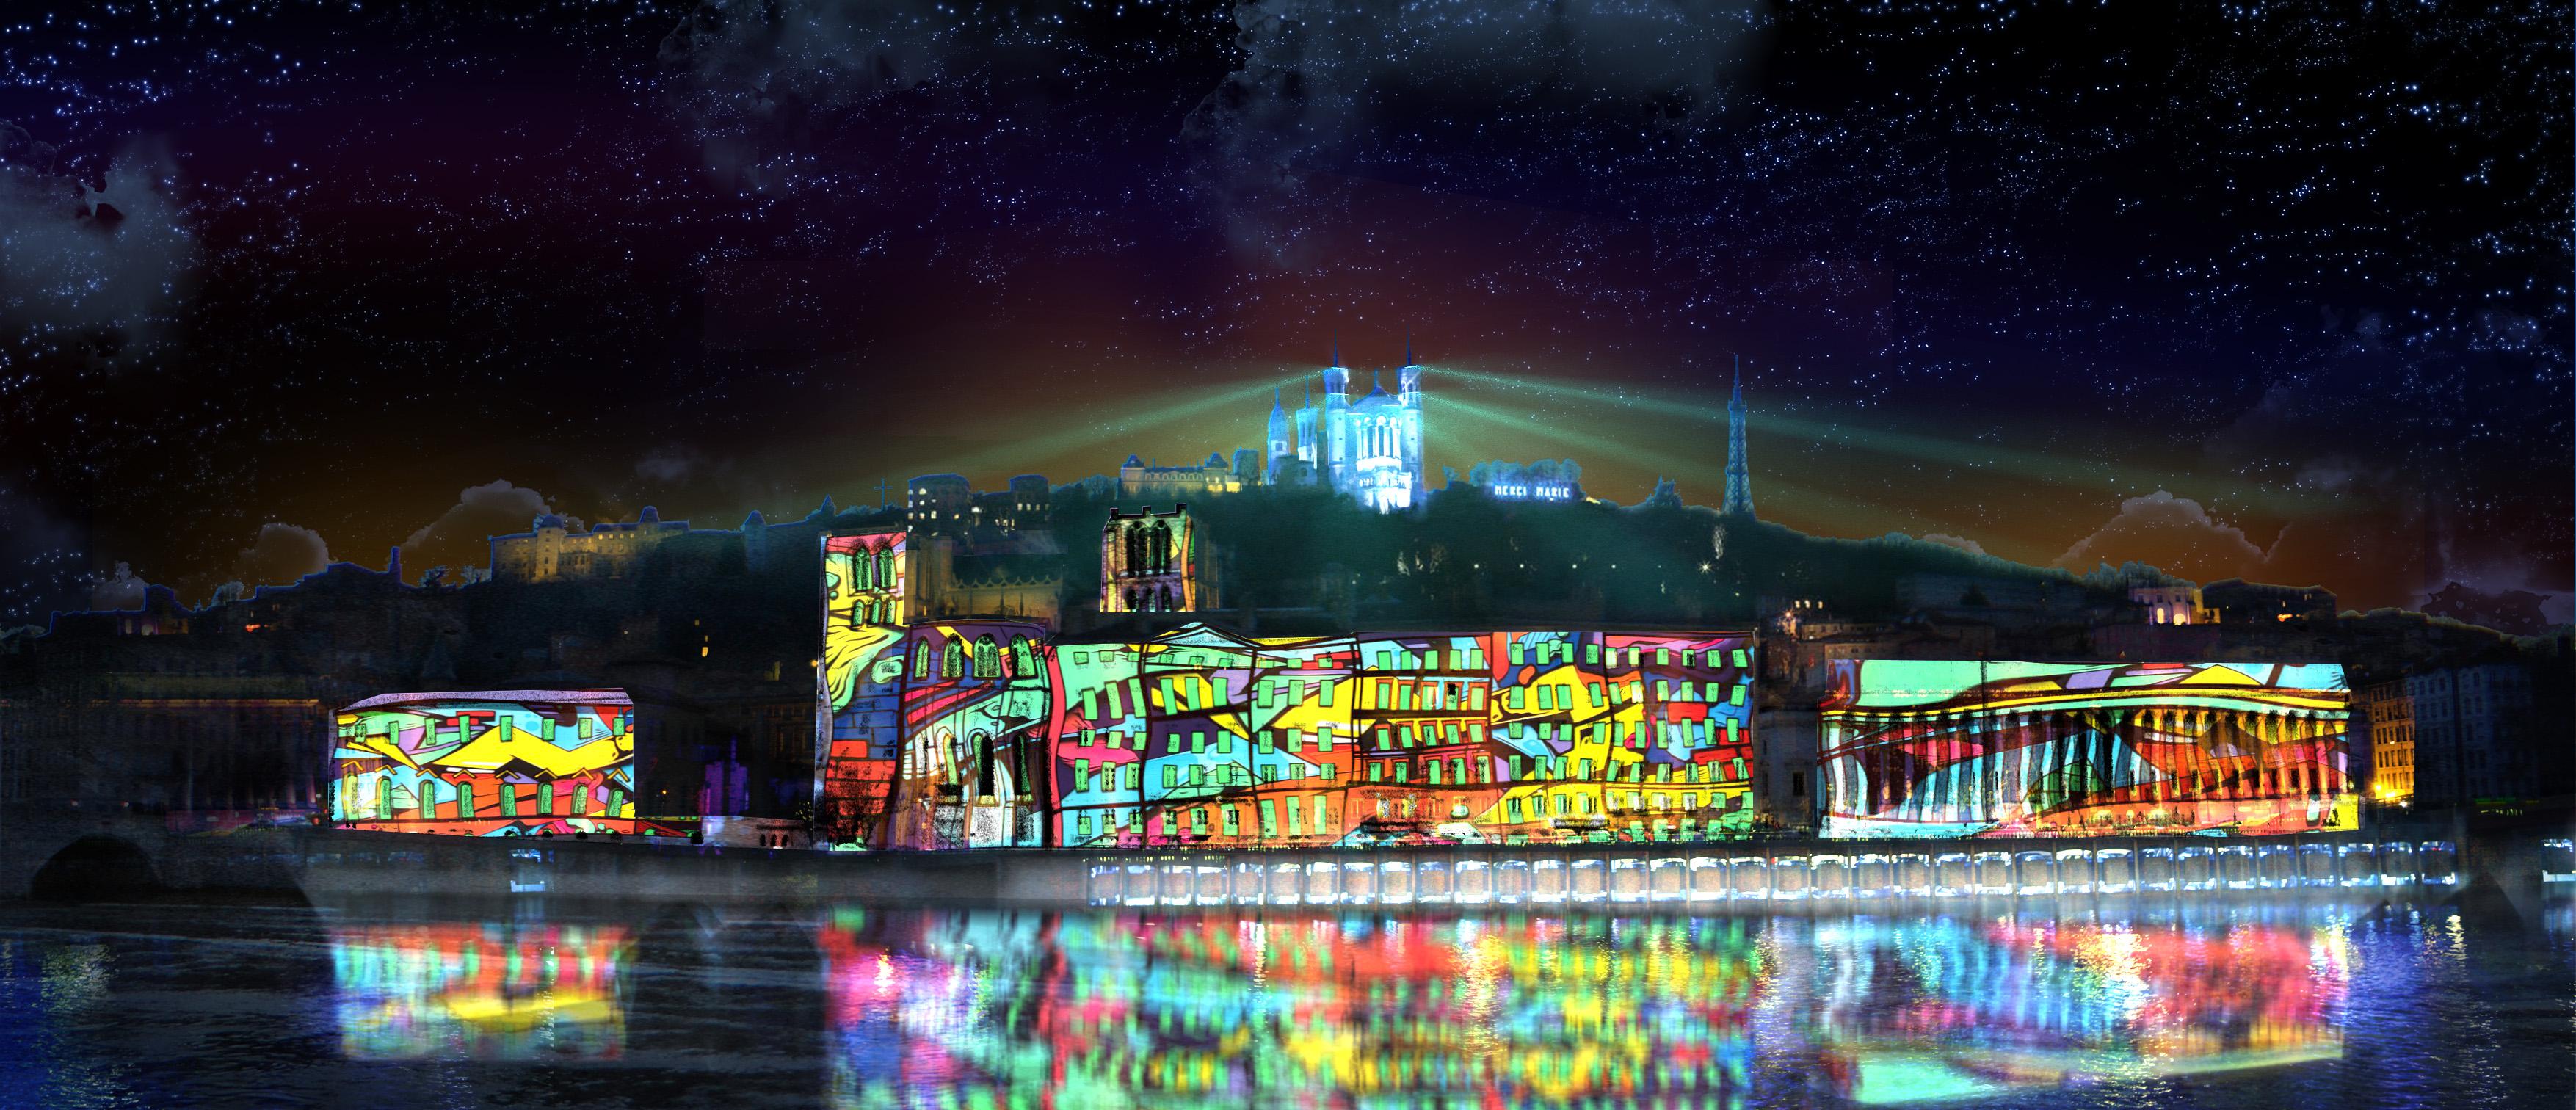 Fête des Lumières 2018 à Lyon : colline de Fourvière